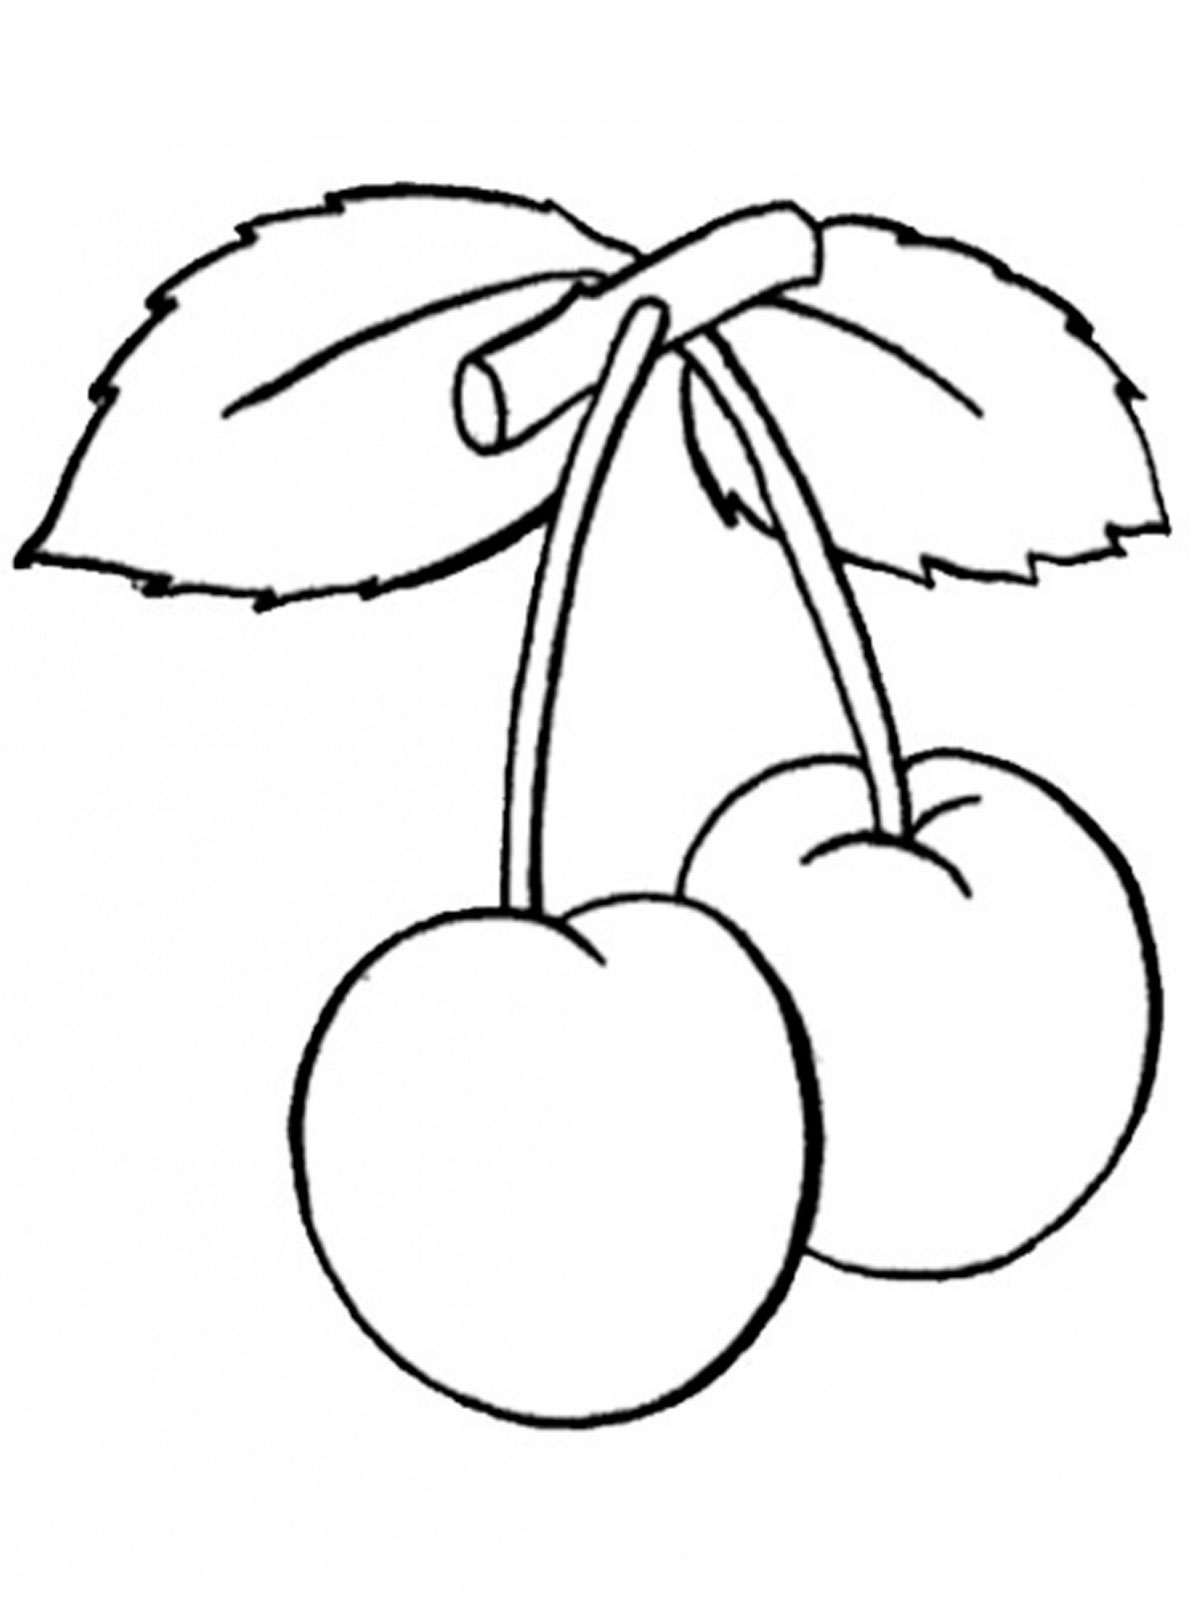 Раскраски фрукты и ягоды. Скачать. Распечатать | StranaKids.ru